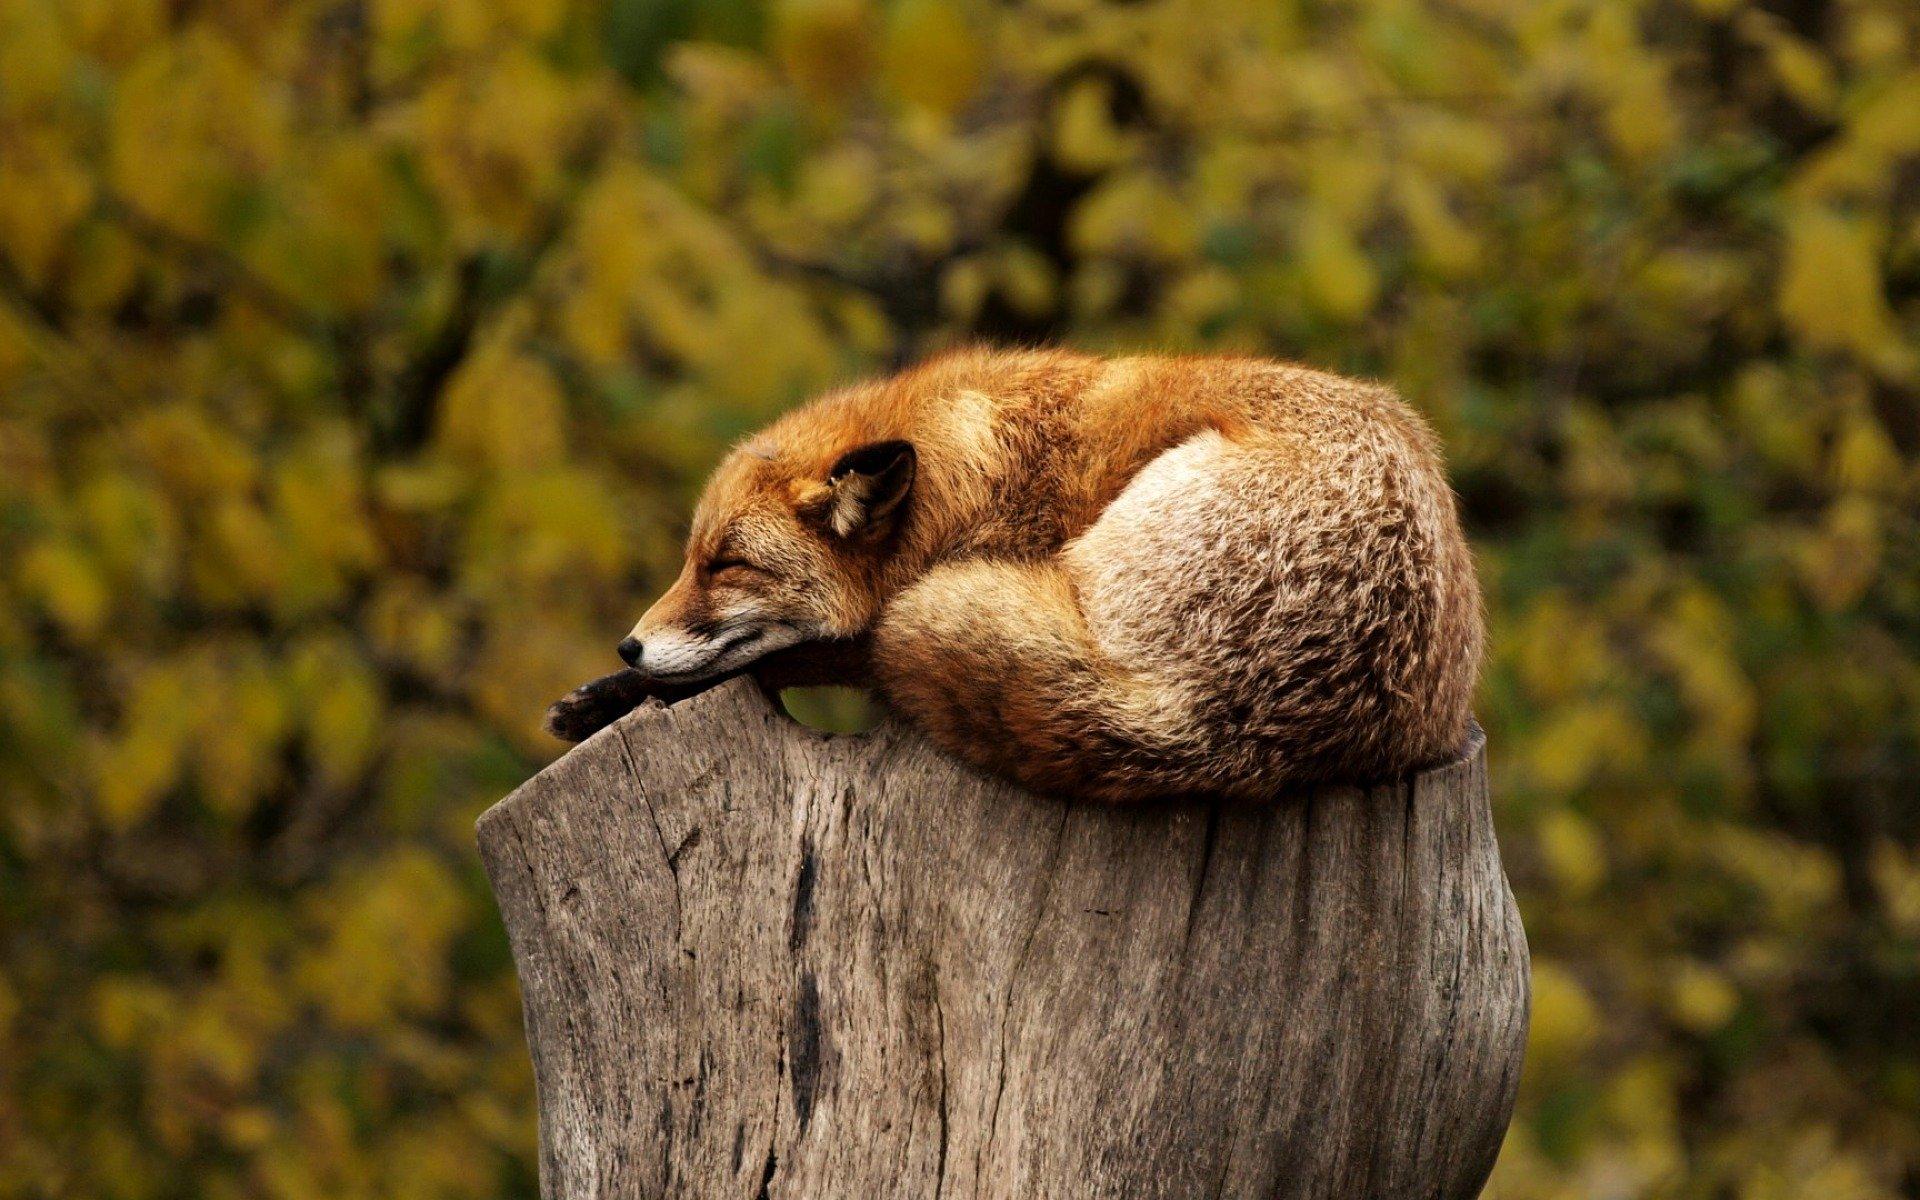 Einschlaftipps Titelbild: Schlafender Fuchs